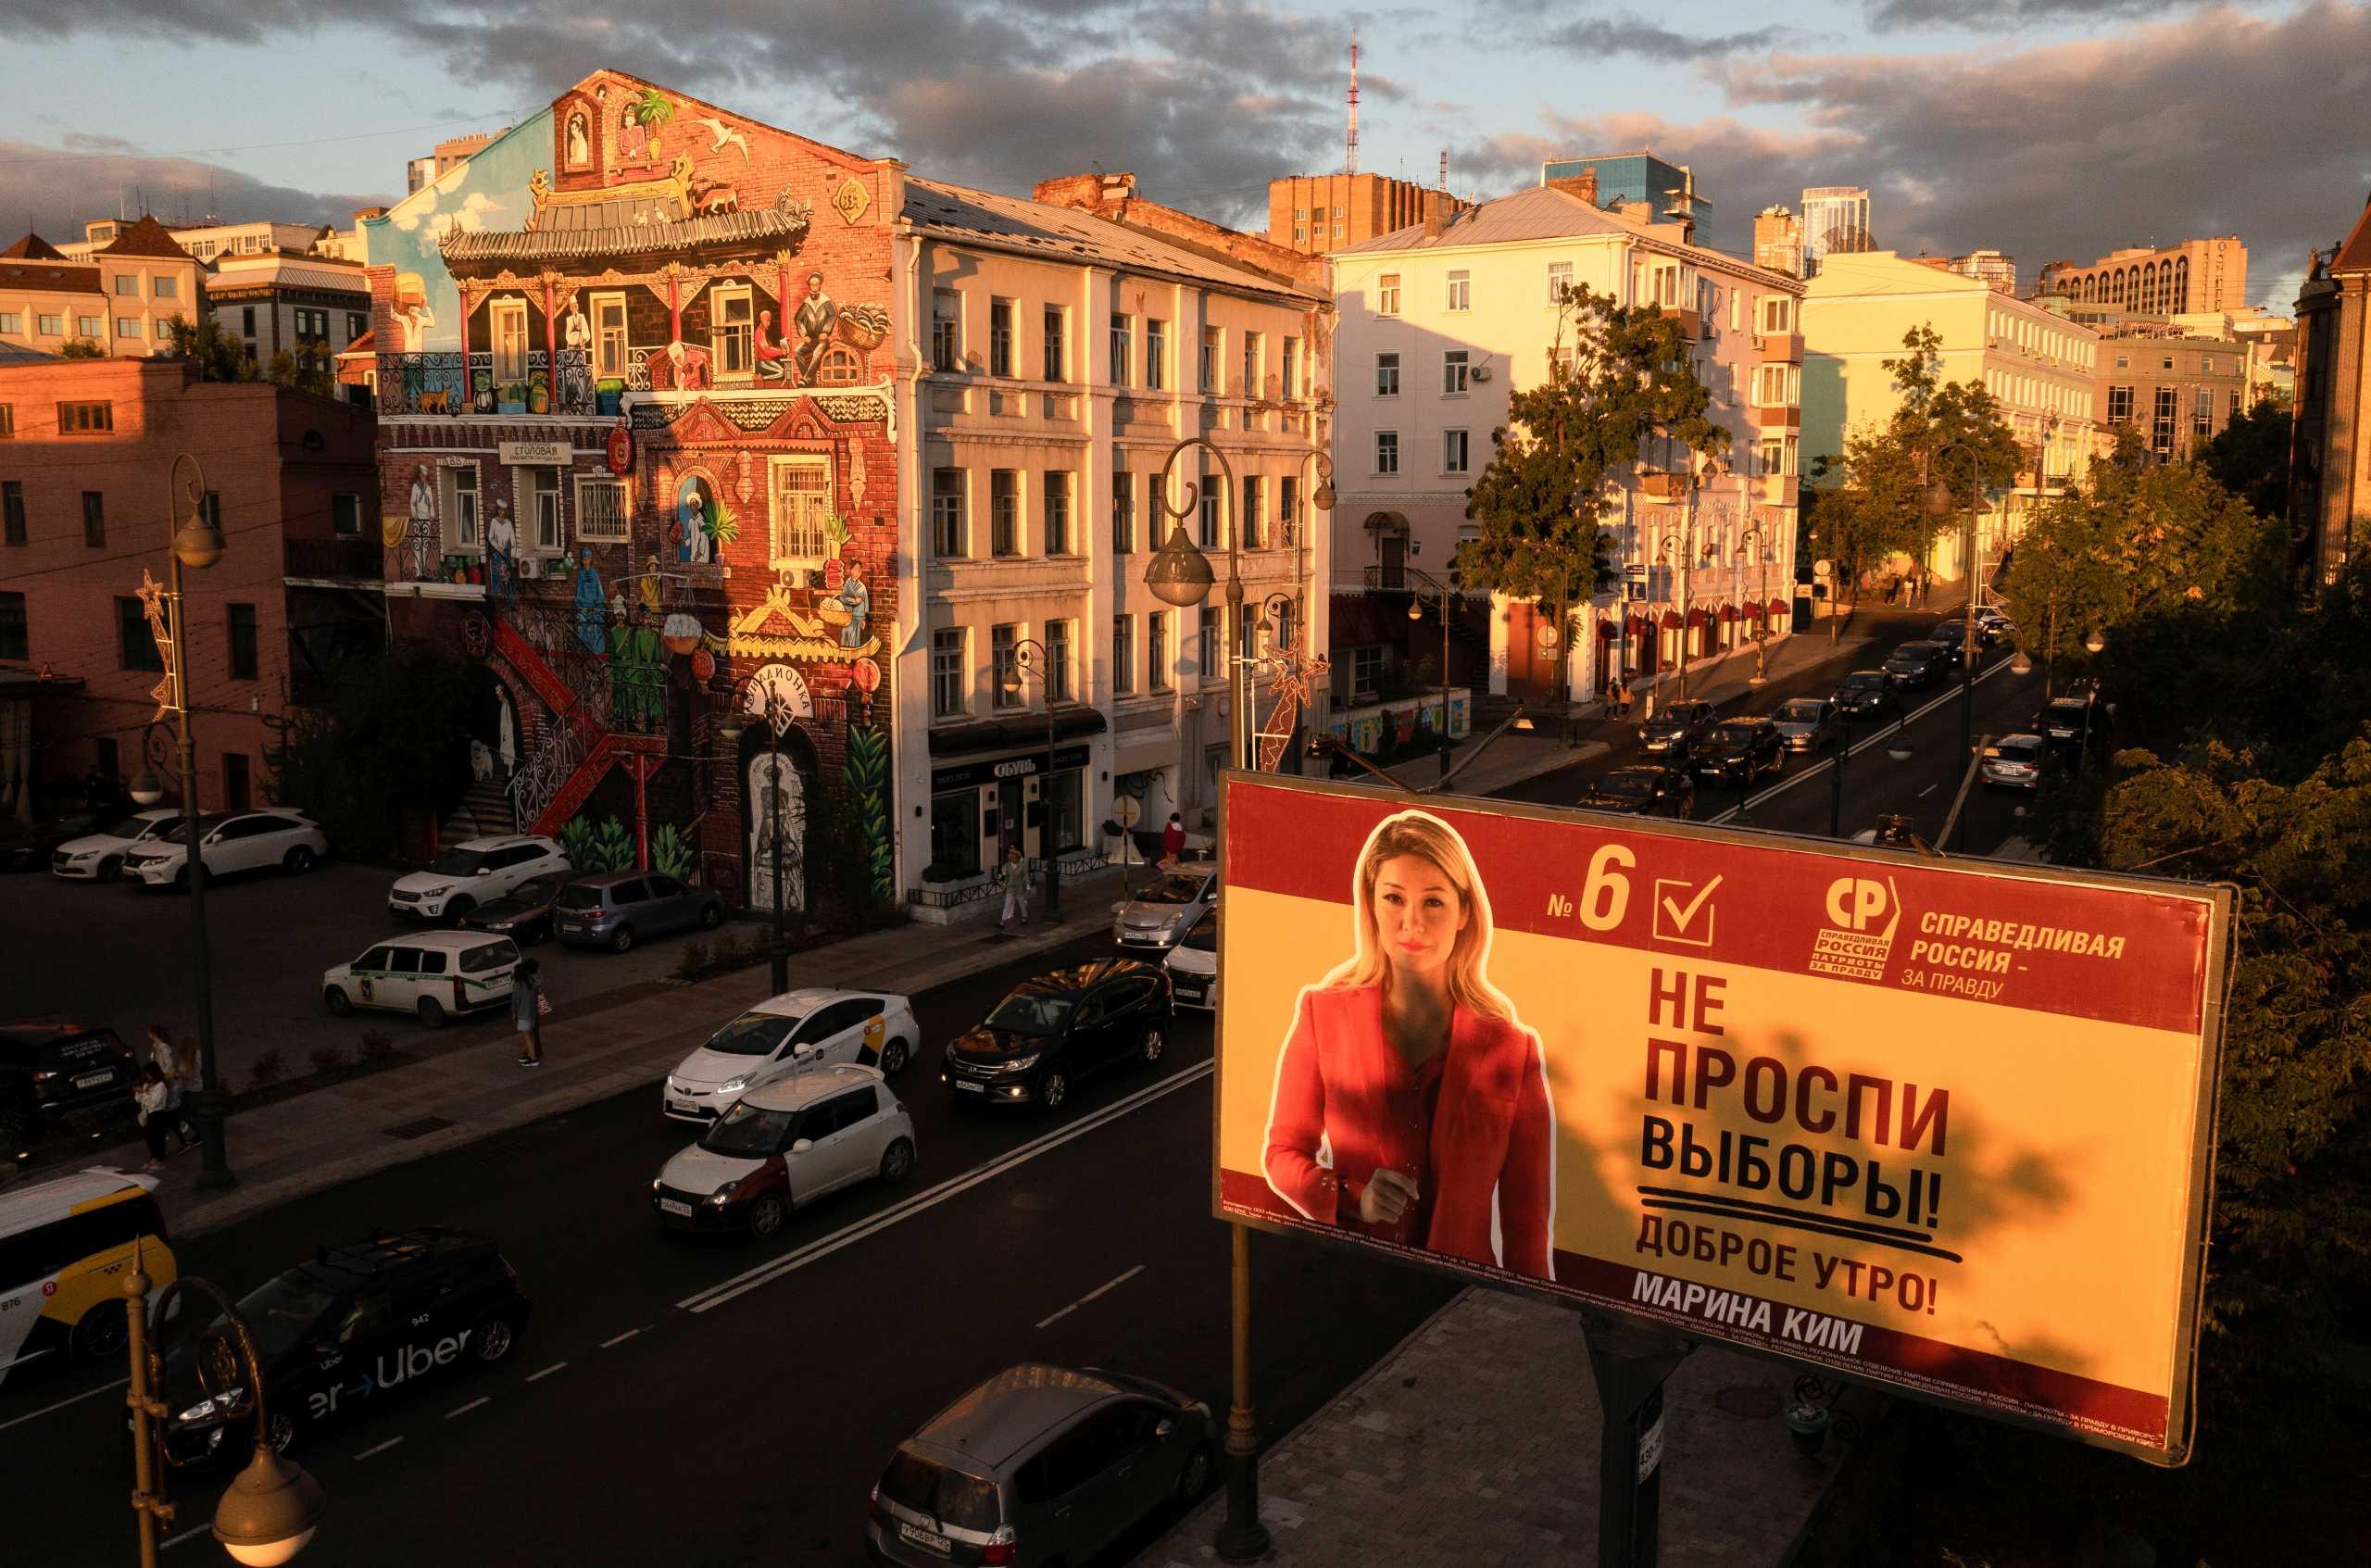 Το μοναδικό ρωσικό εκλογικό «τοπίο» 4 ημέρες πριν ανοίξουν οι κάλπες